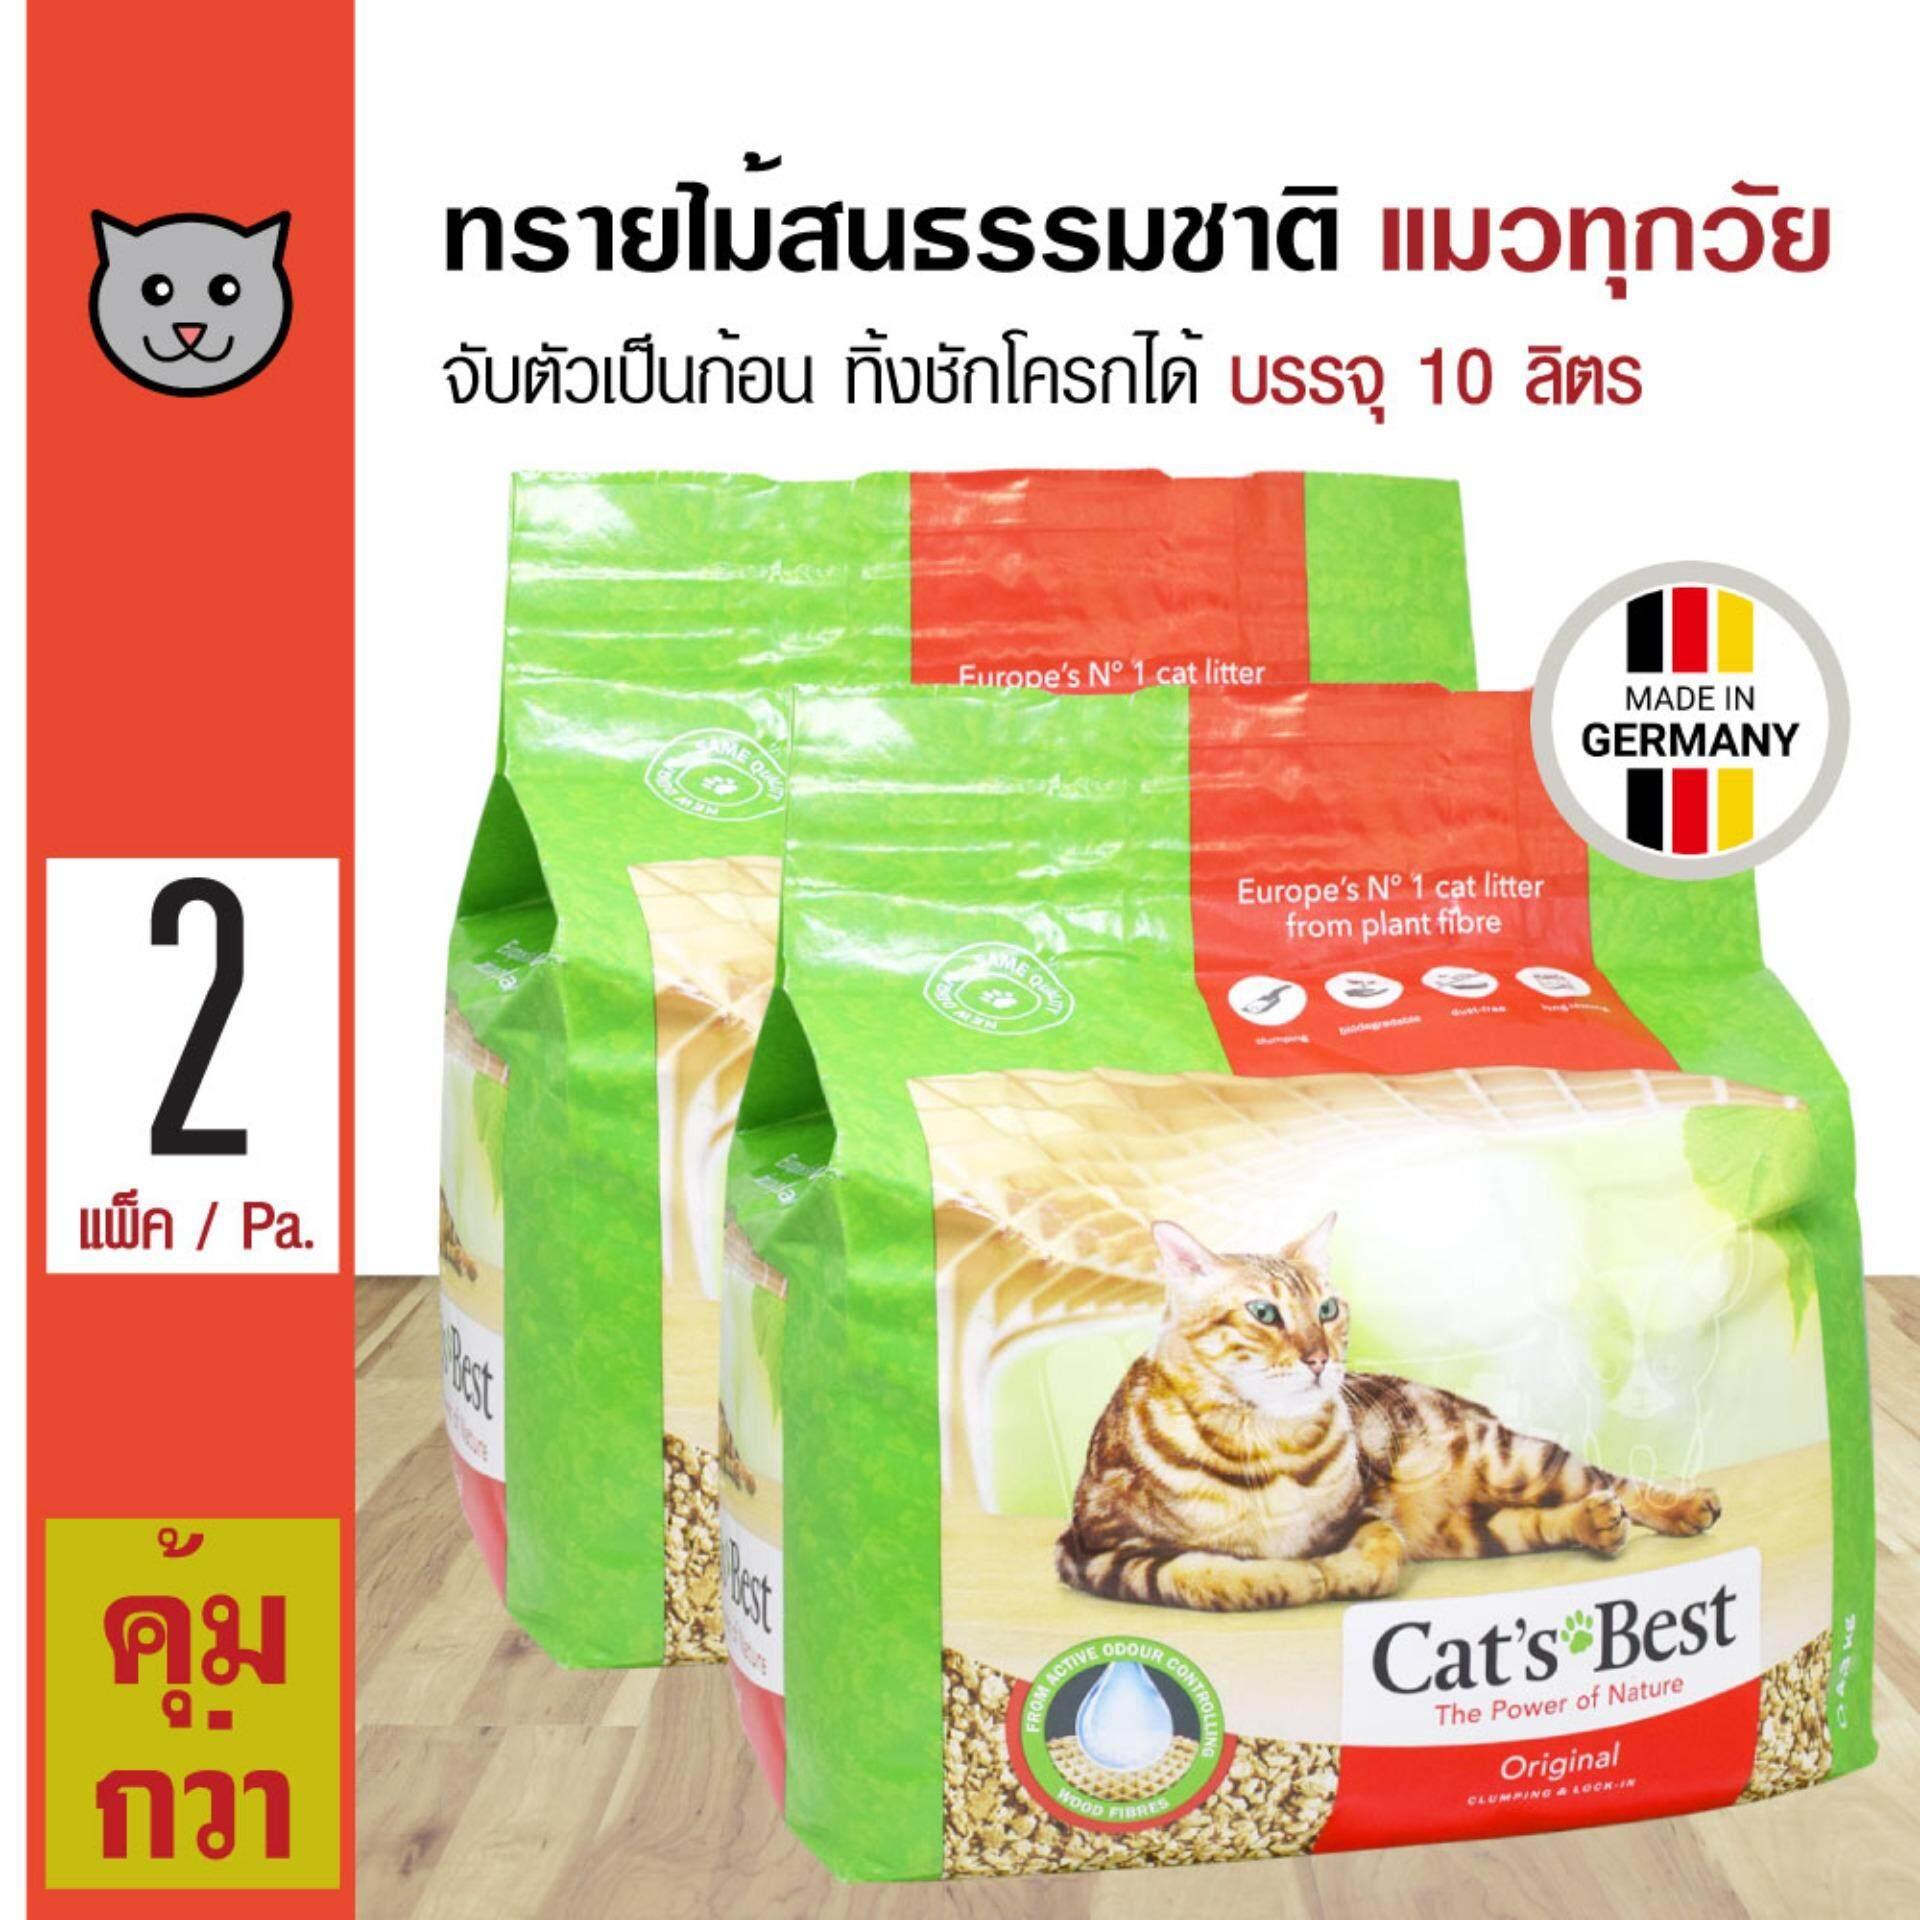 Cats Best Original 10l. ทรายแมวอนามัย ทรายไม้สนธรรมชาติ 100% ทิ้งชักโครกได้ สำหรับแมวทุกวัย (10 ลิตร/ถุง) X 2 ถุง.